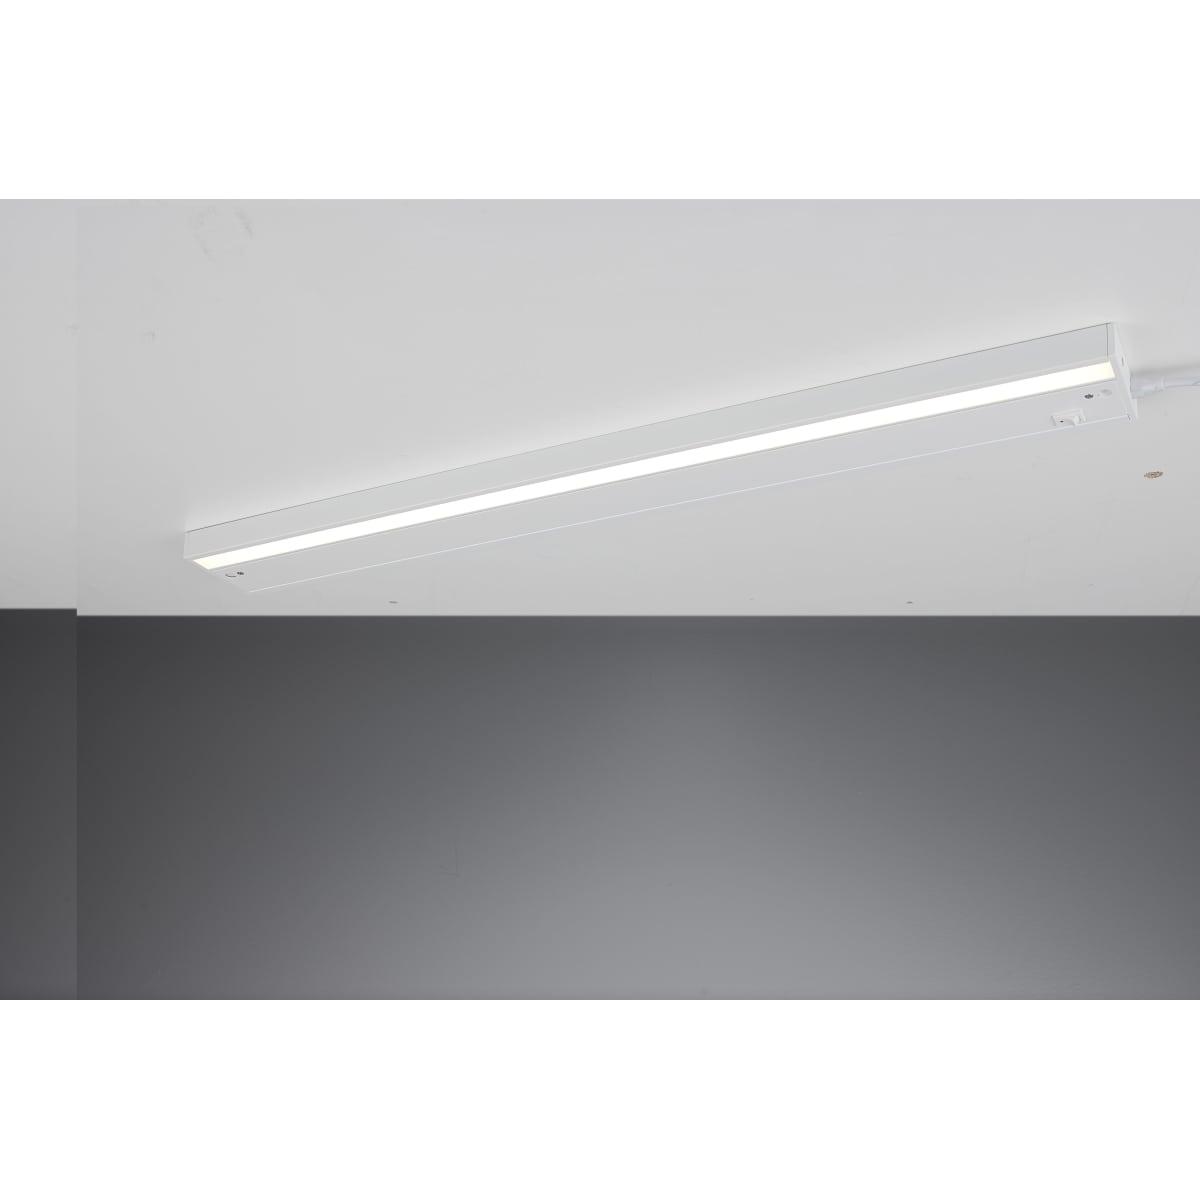 Bruck Lighting 138540 32 30k